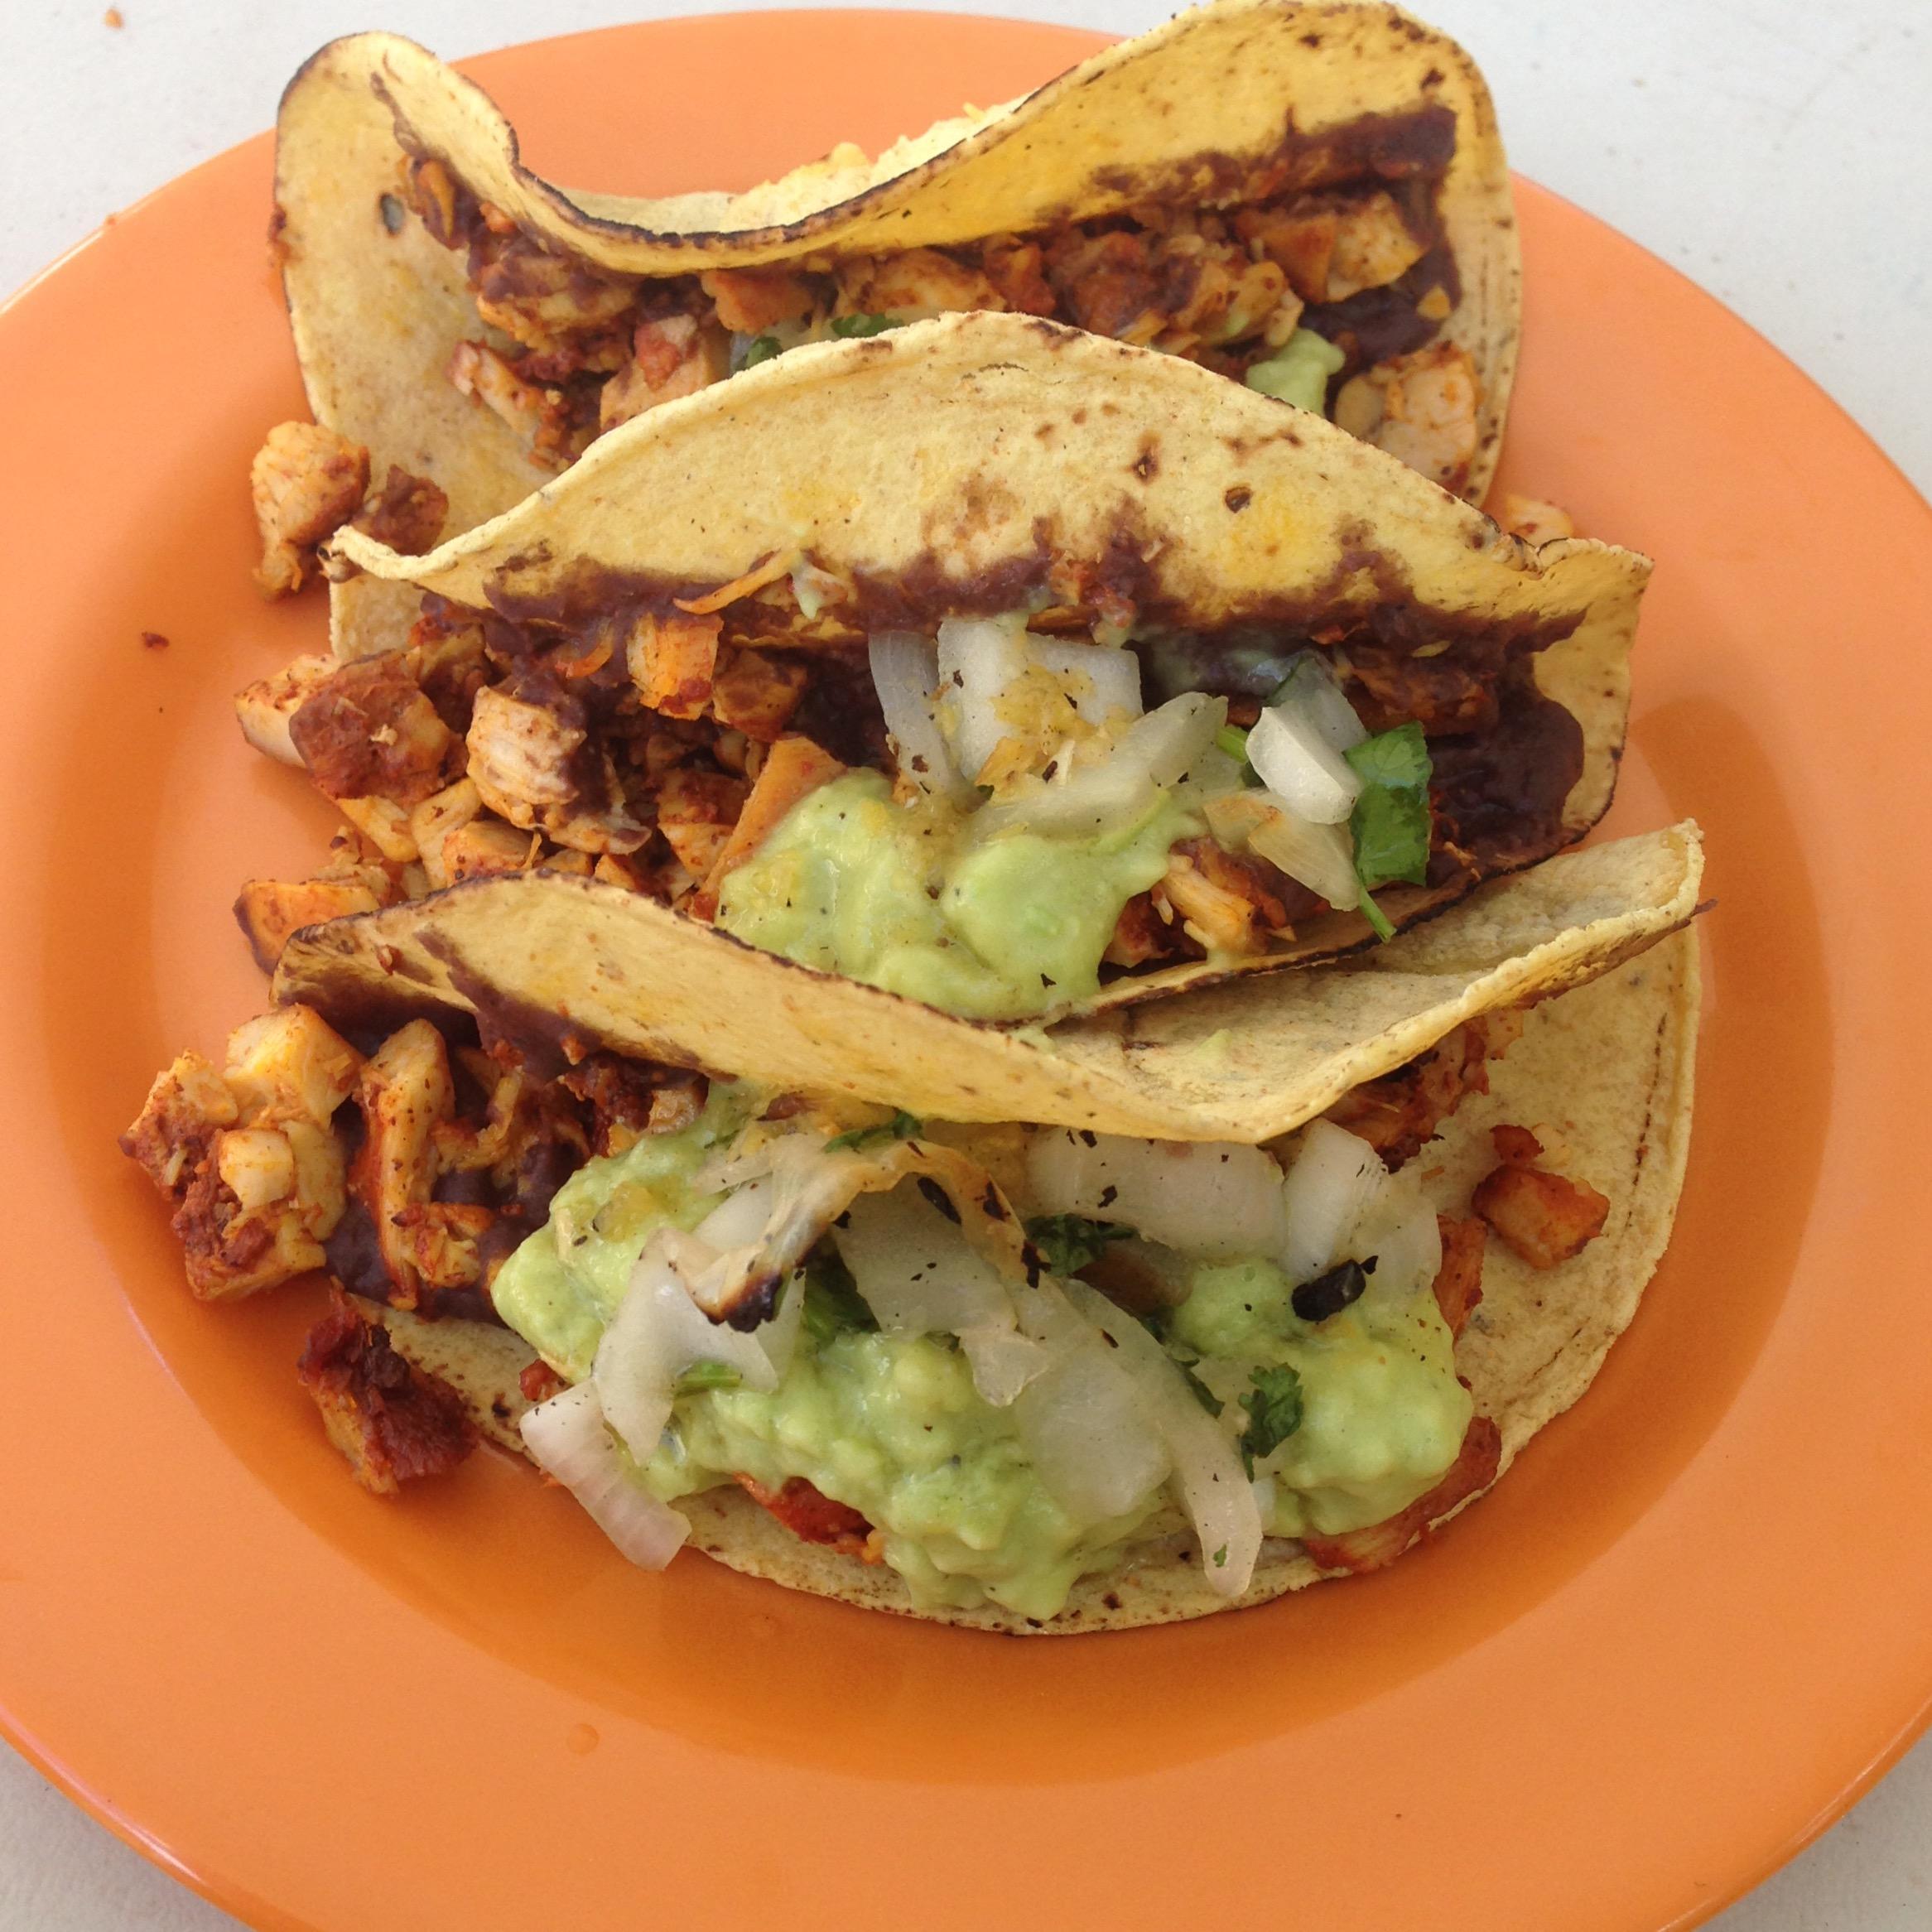 Taco de pollo (Chicken Taco)